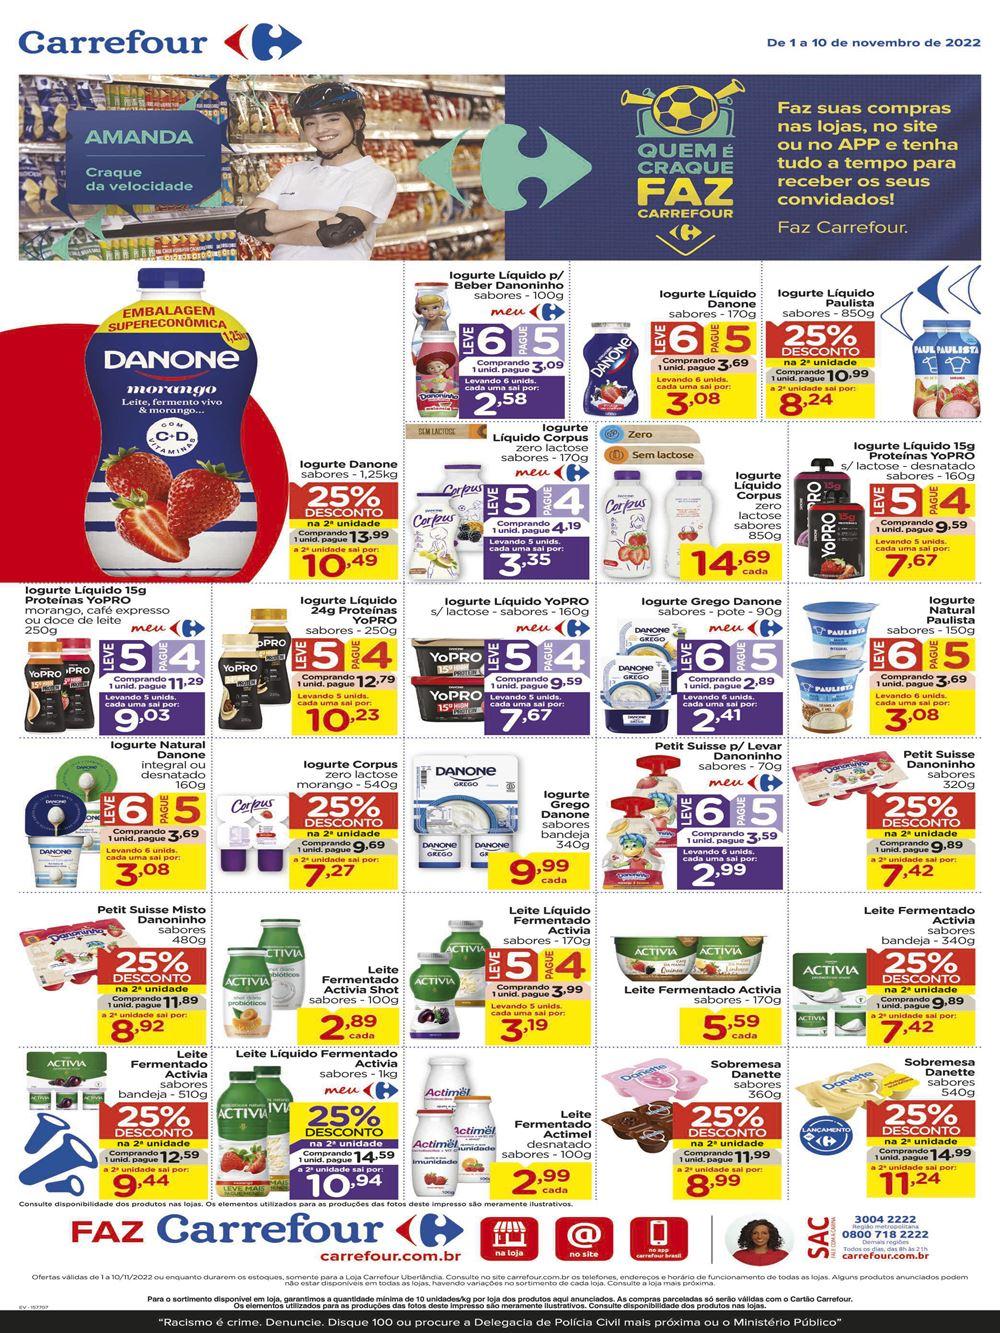 carrefour-ofertas-descontos-hoje5-17 Paraíba